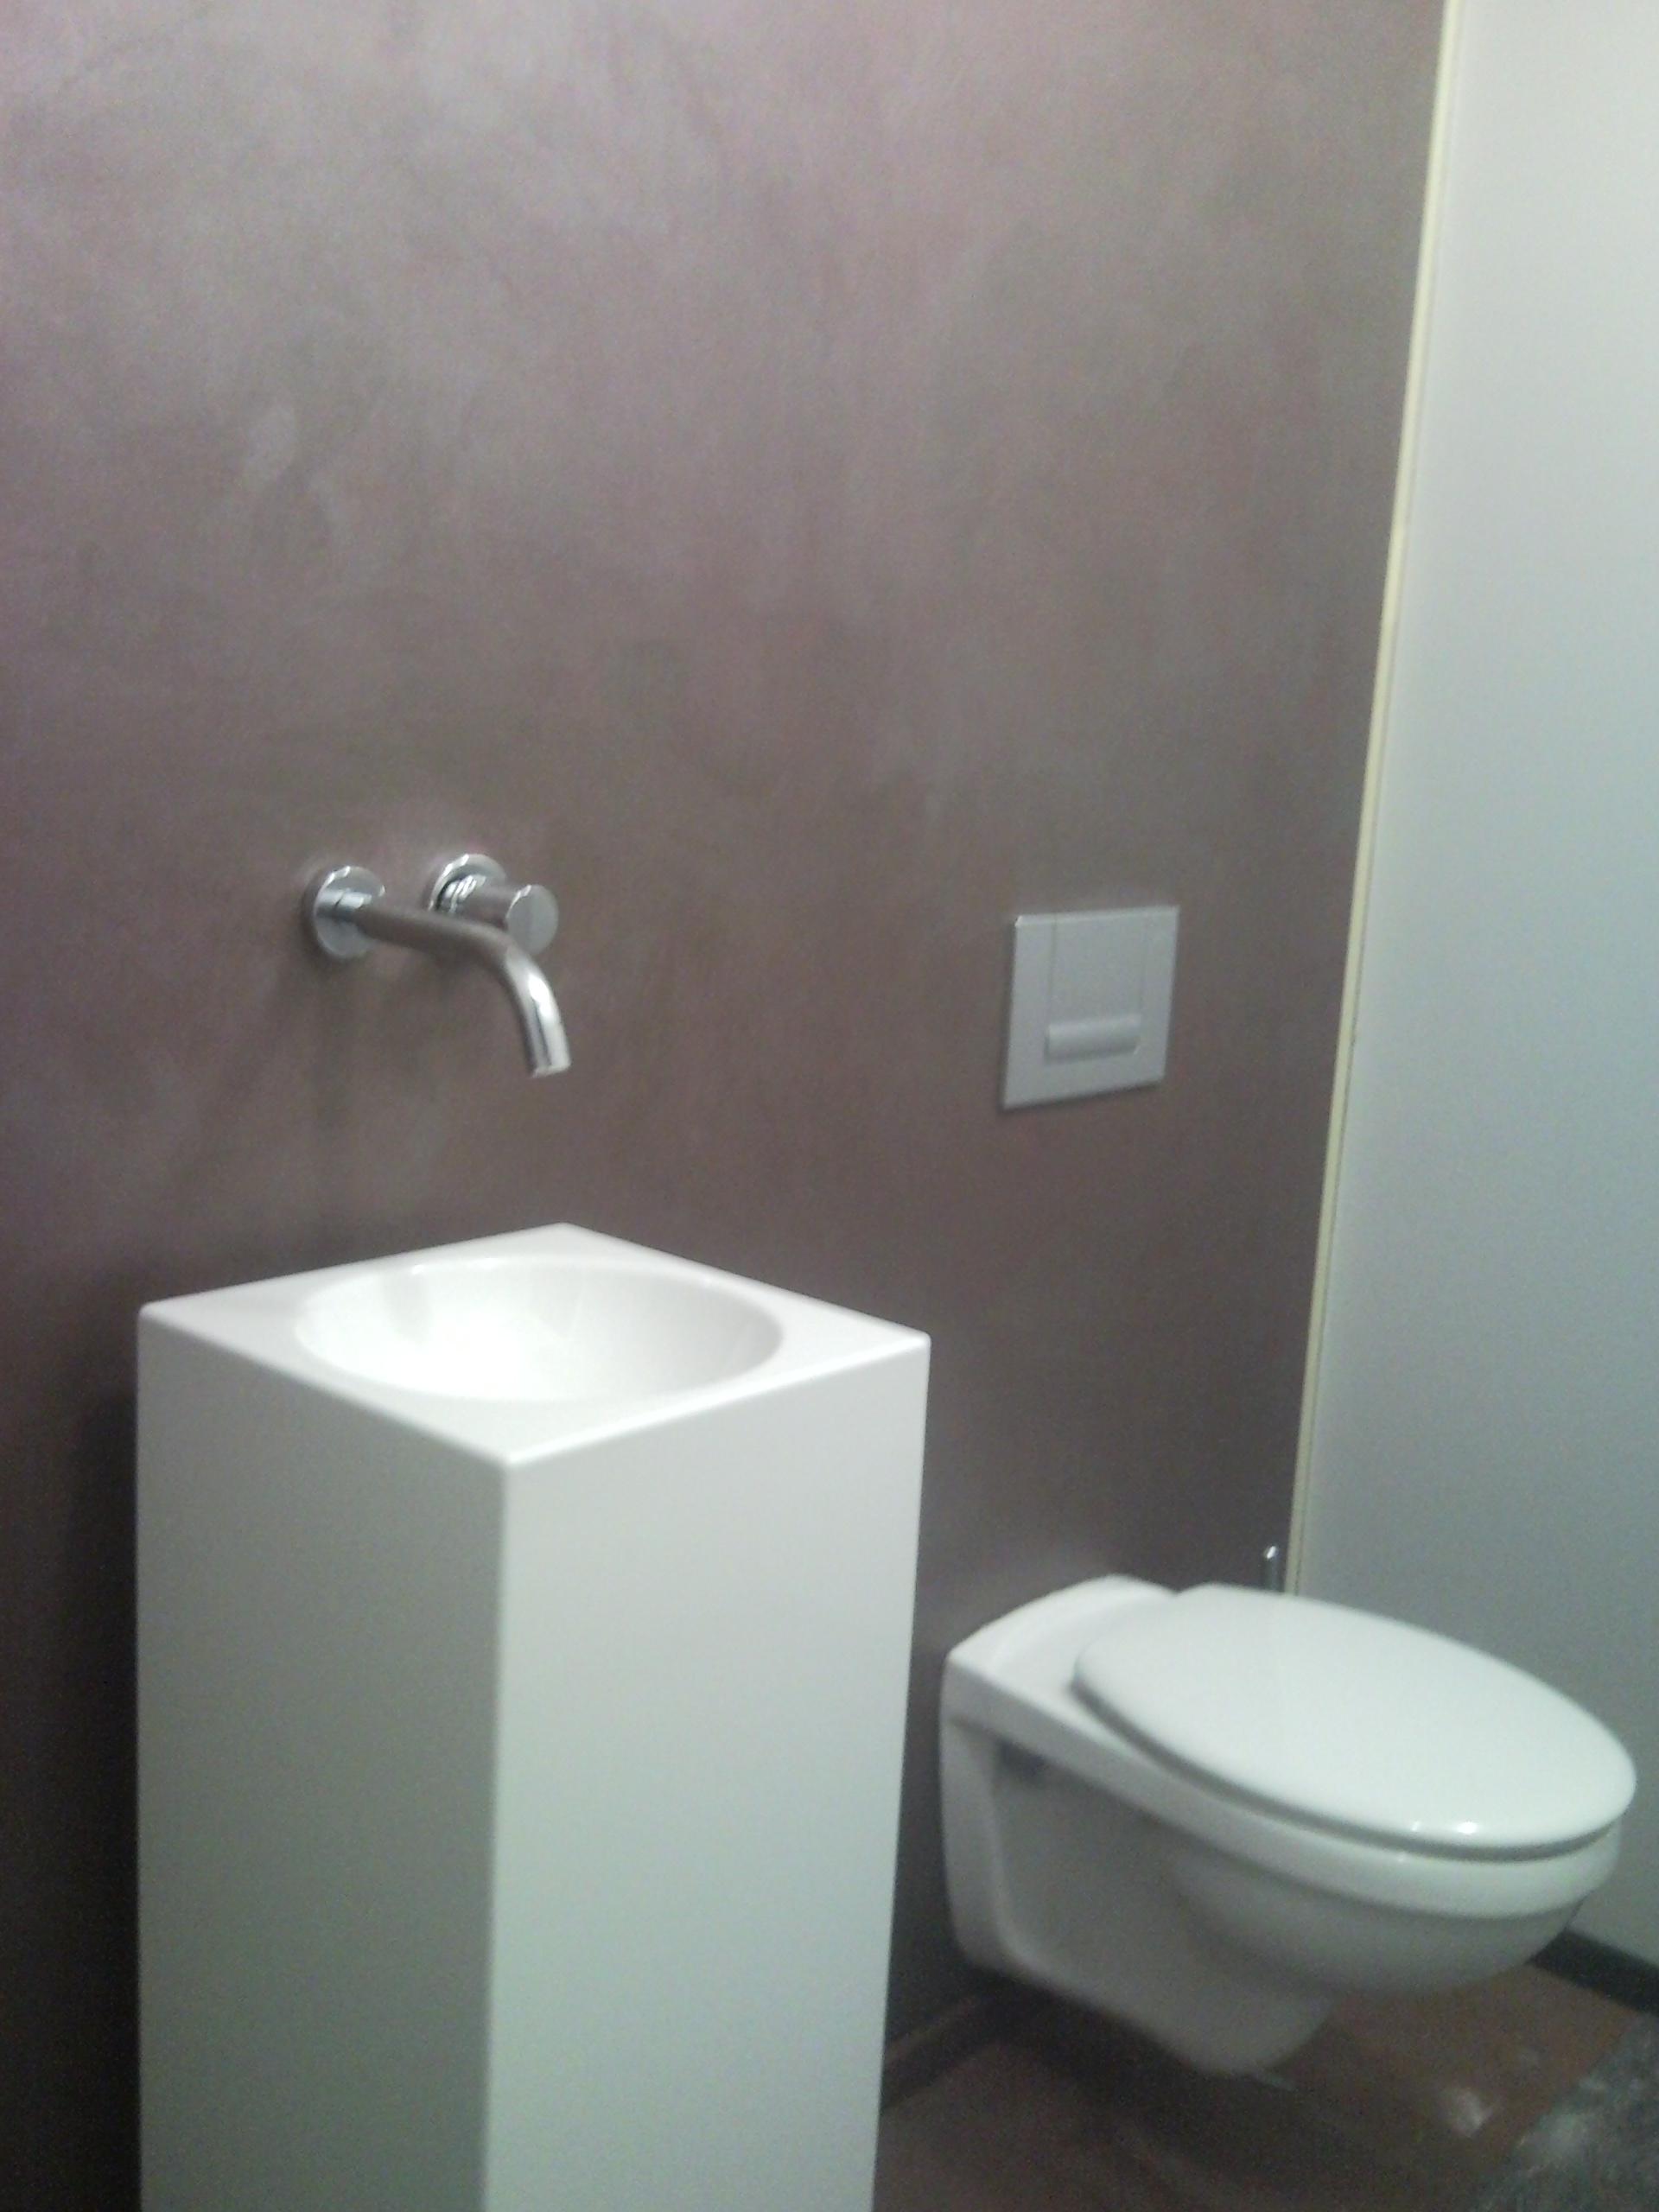 Betonwand, Spachteltechnik Dusche, Spachteltechnik Glattbeton ...